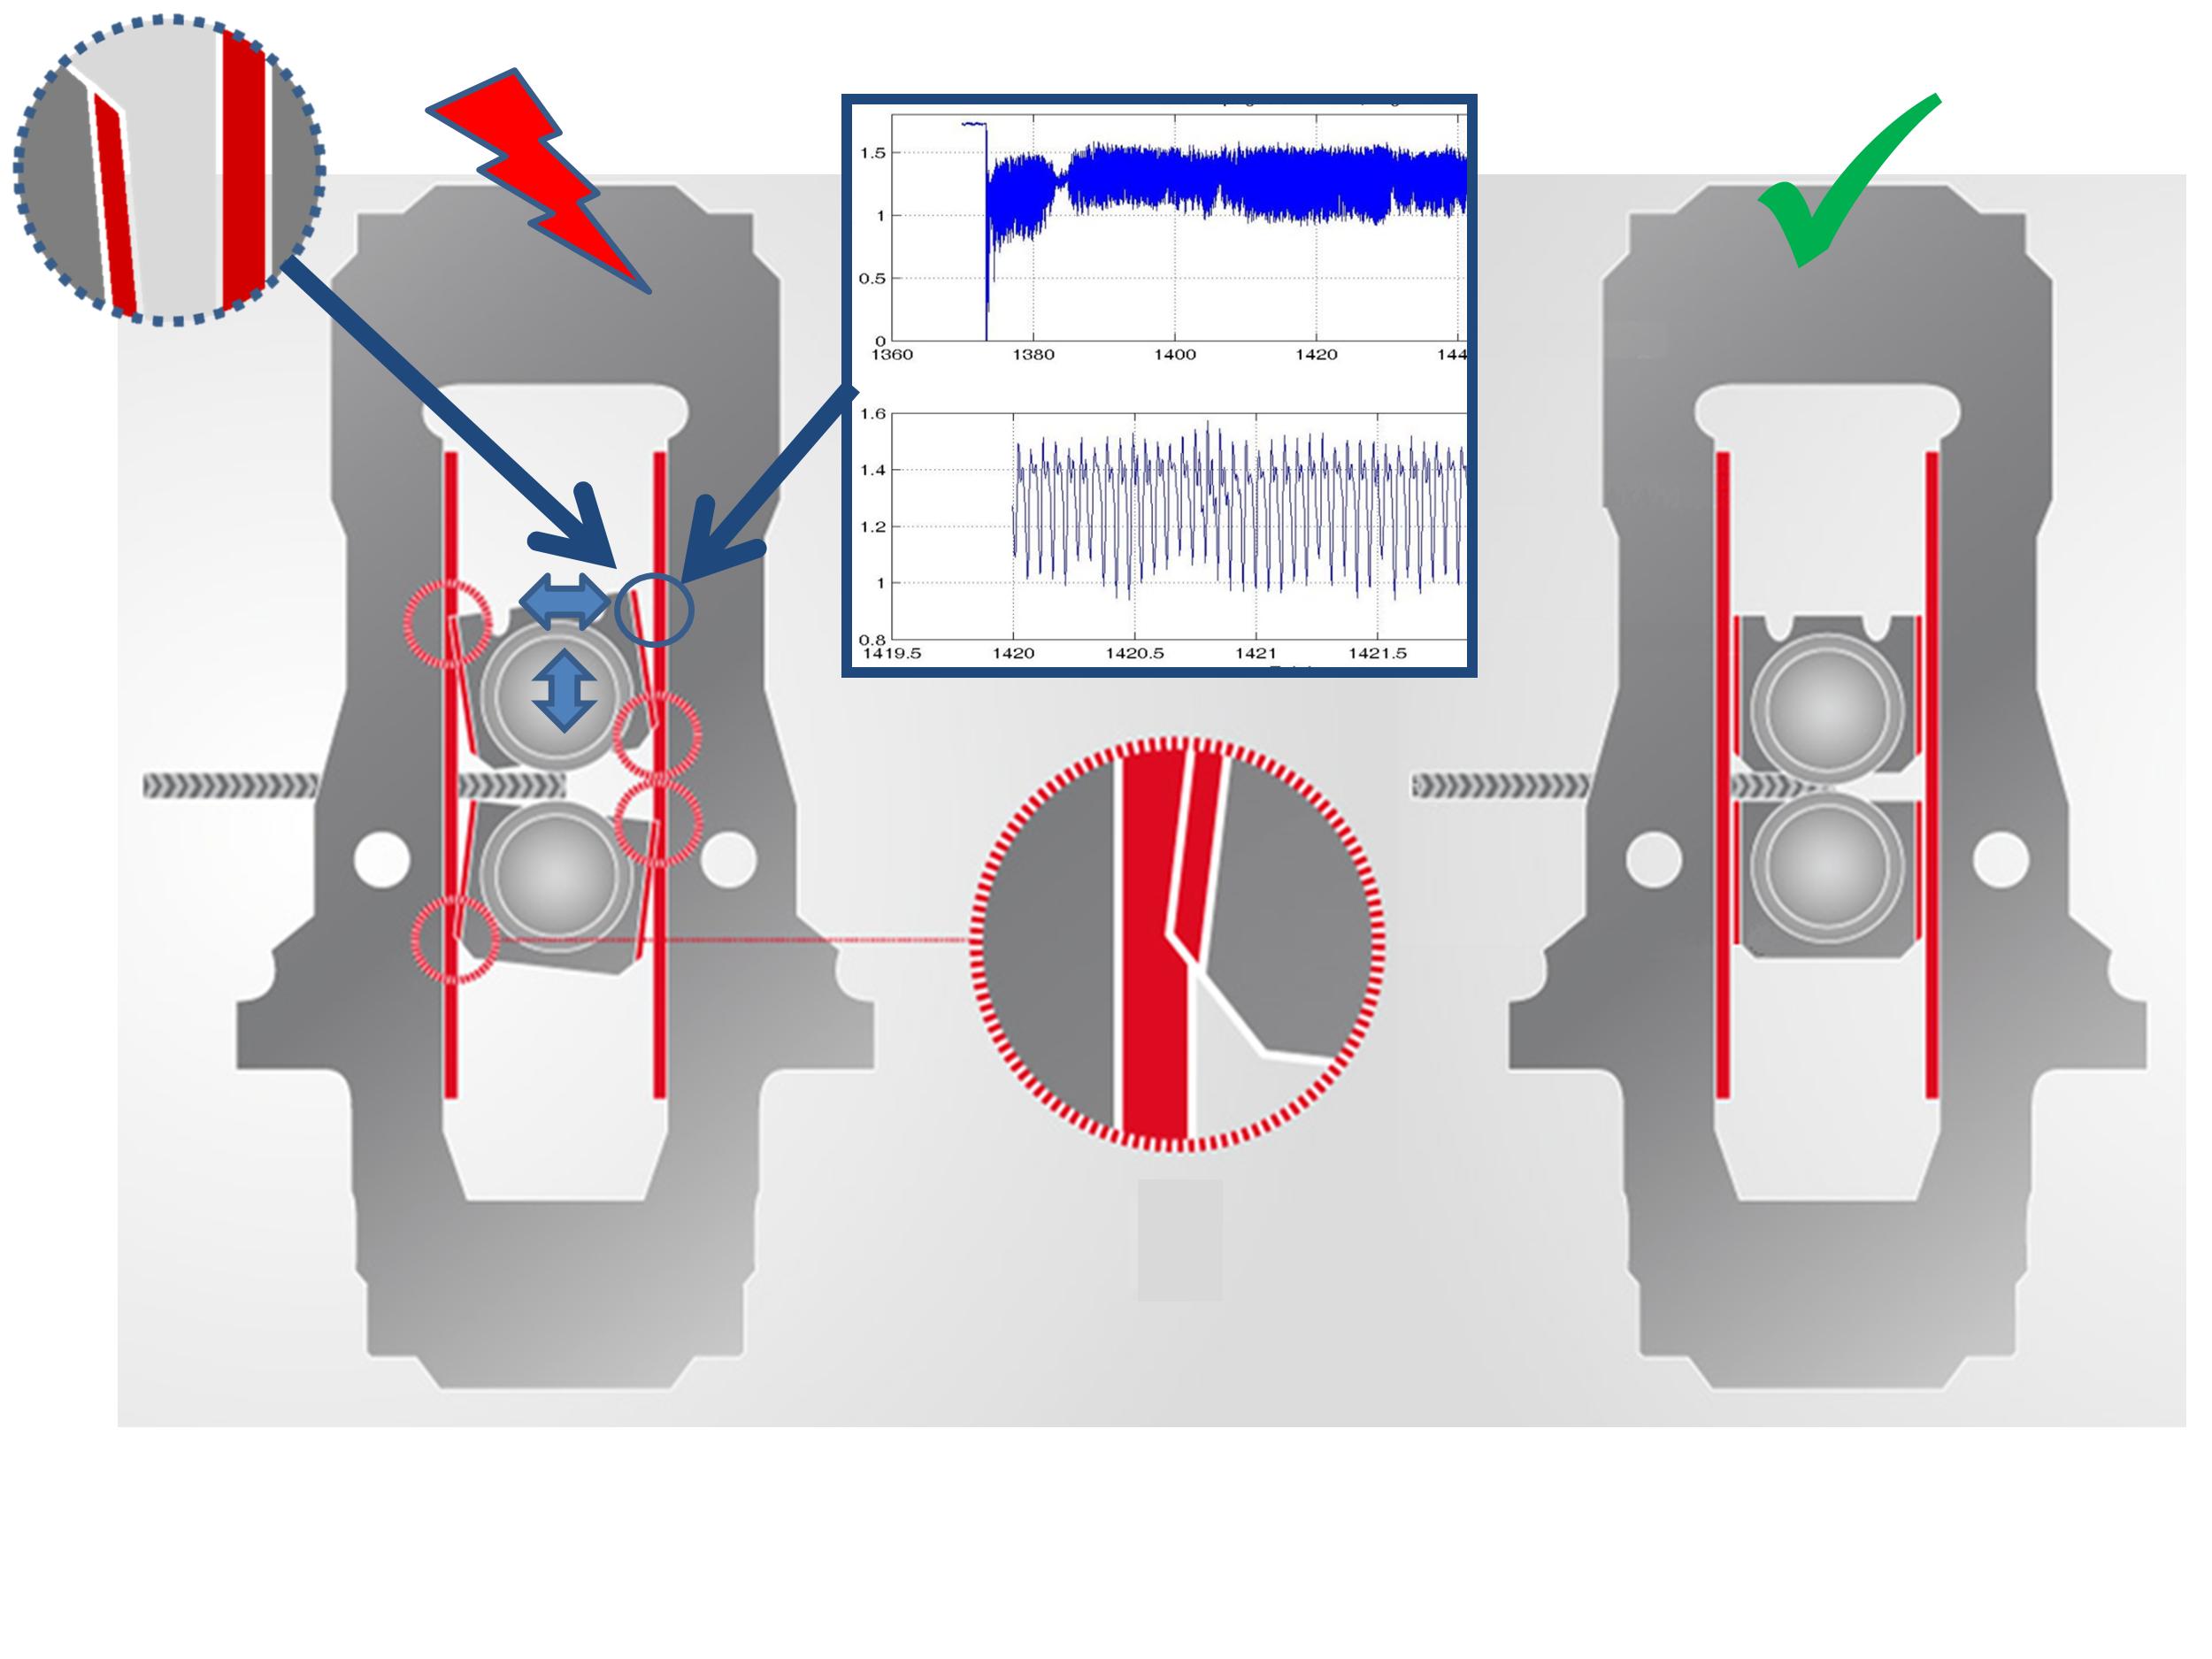 Darstellung der Situation bei einem großen Spalt zwischen Einbaustück und Walzgerüst sowie eines kleiner Spalts zwischen Einbaustück und Walzgerüst.